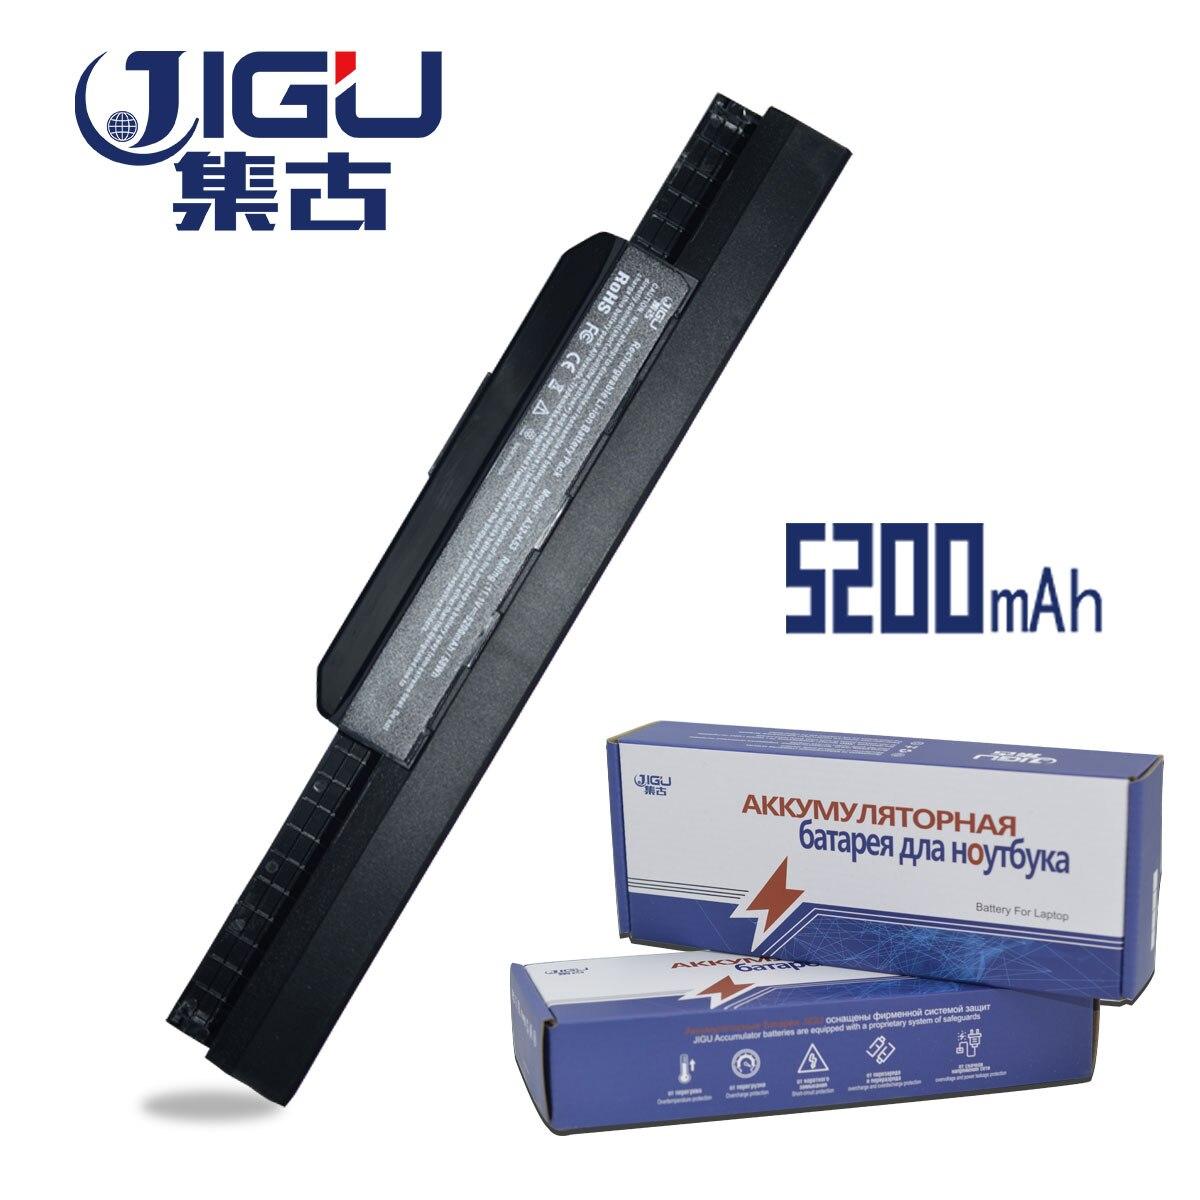 JIGU K53u Bateria Do Portátil Para Asus A32 K53 A42-K53 A31-K53 A41-K53 A43 A53 K43 K53 K53S X43 X44 X53 X54 x84 X53SV X53U X53B X54H